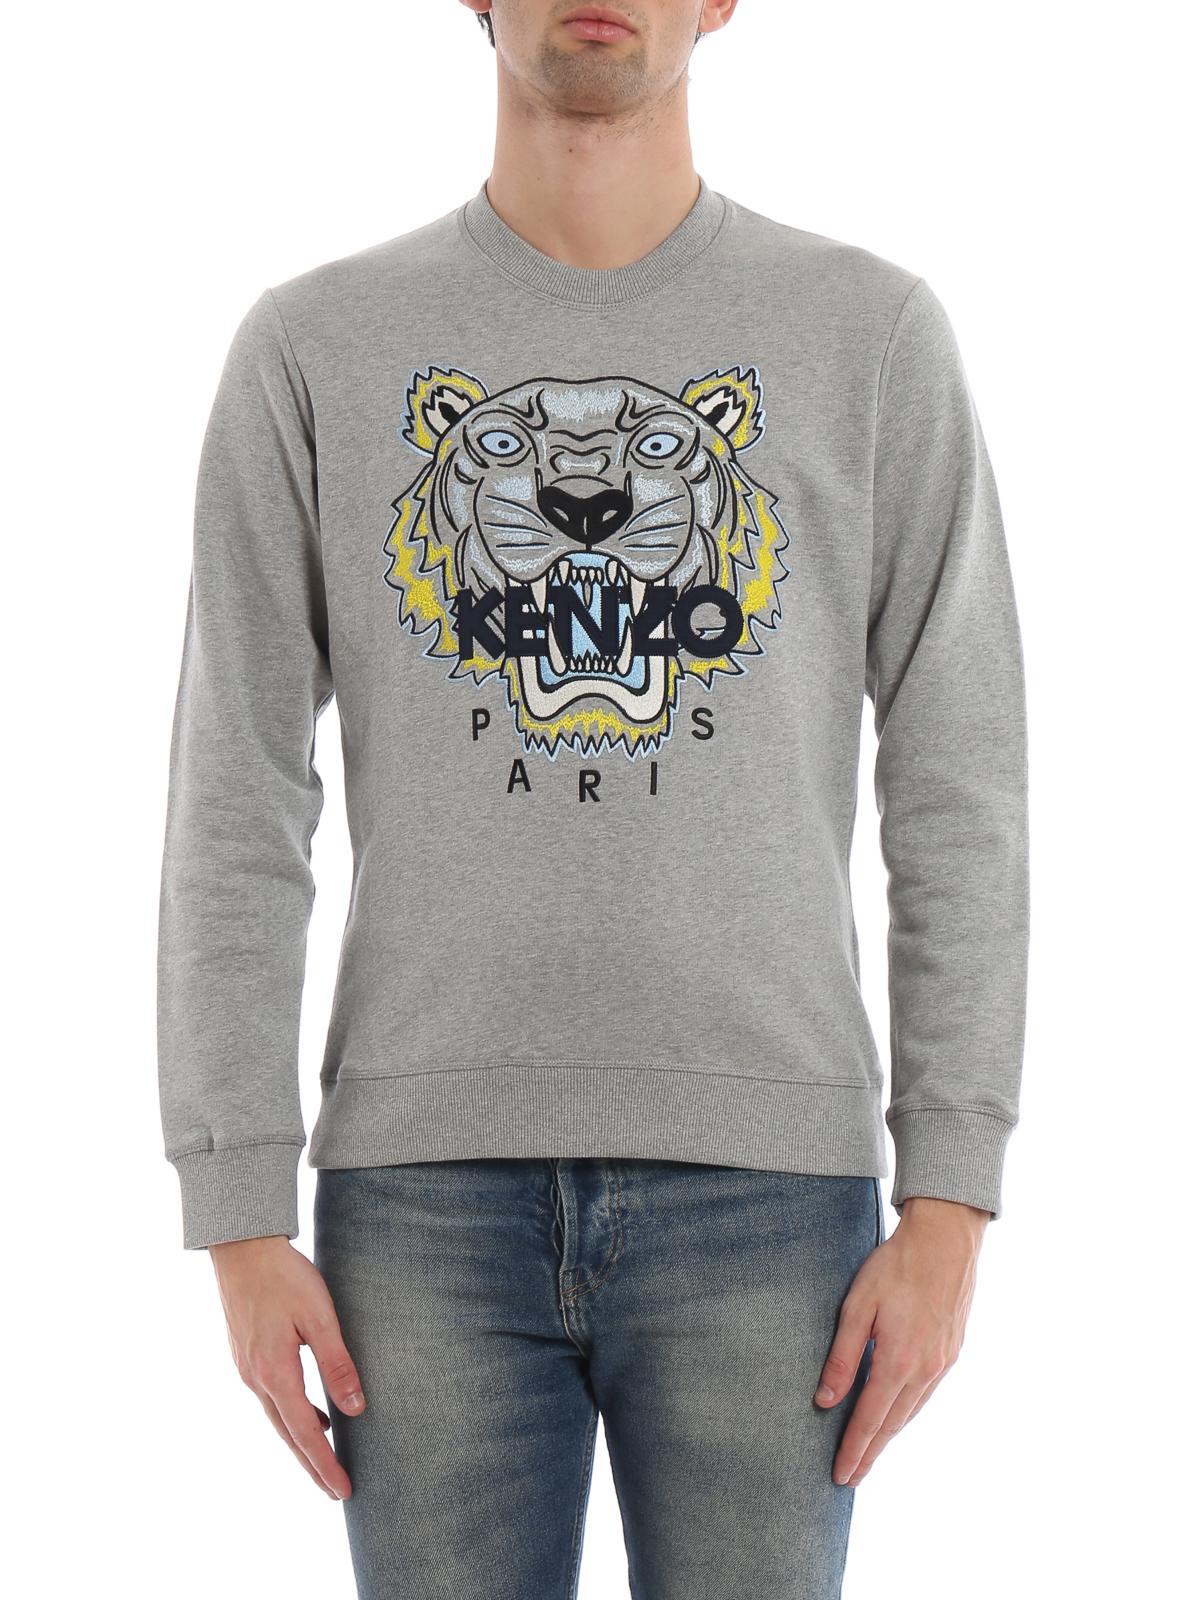 iKRIX KENZO  Sweatshirts   Sweaters - Pearl grey cotton Tiger classic  sweatshirt 11d002f9cb4